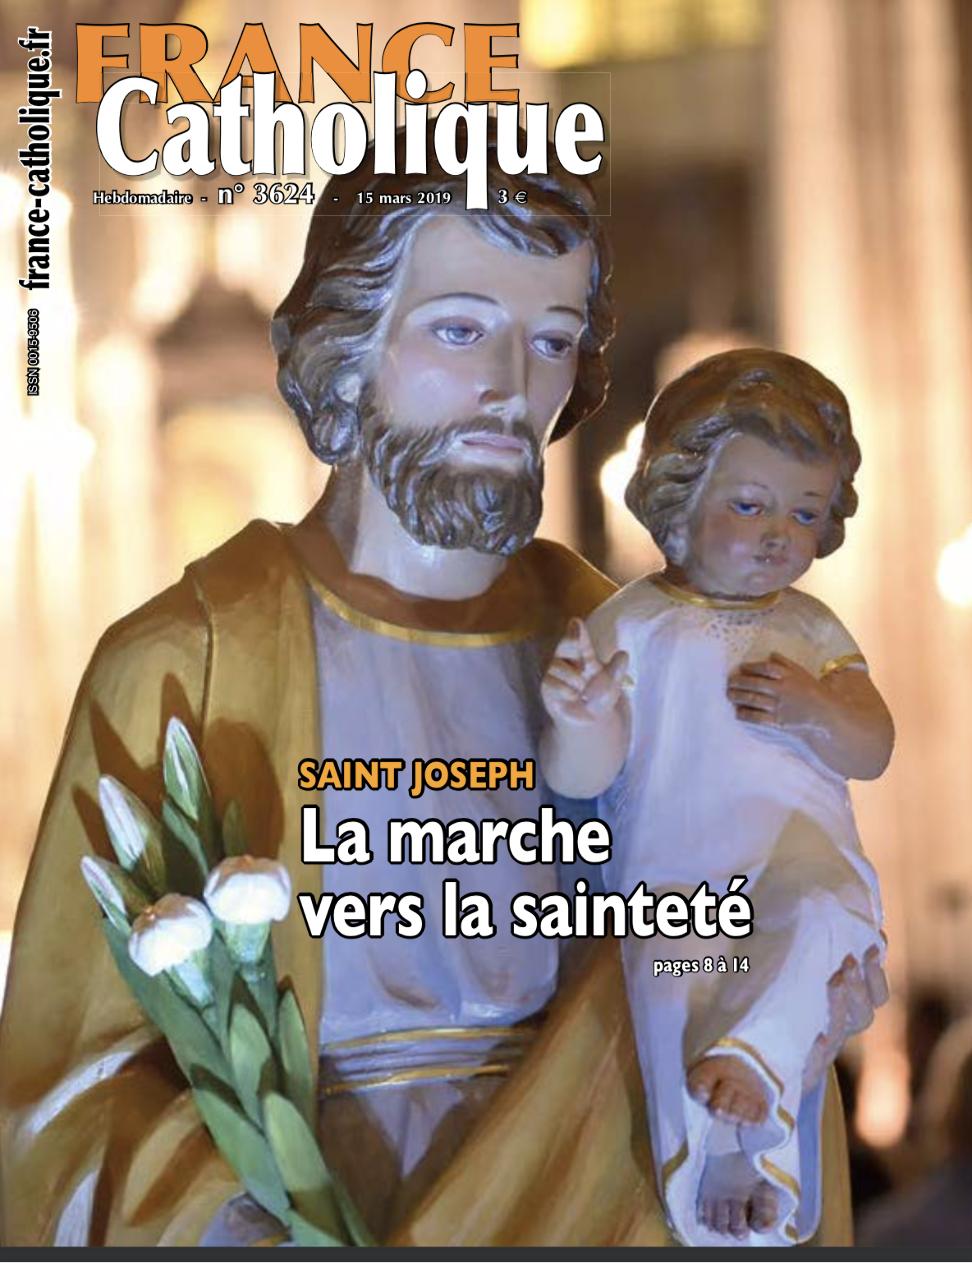 France Catholique: La marche vers la Sainteté, dossier sur Saint Joseph